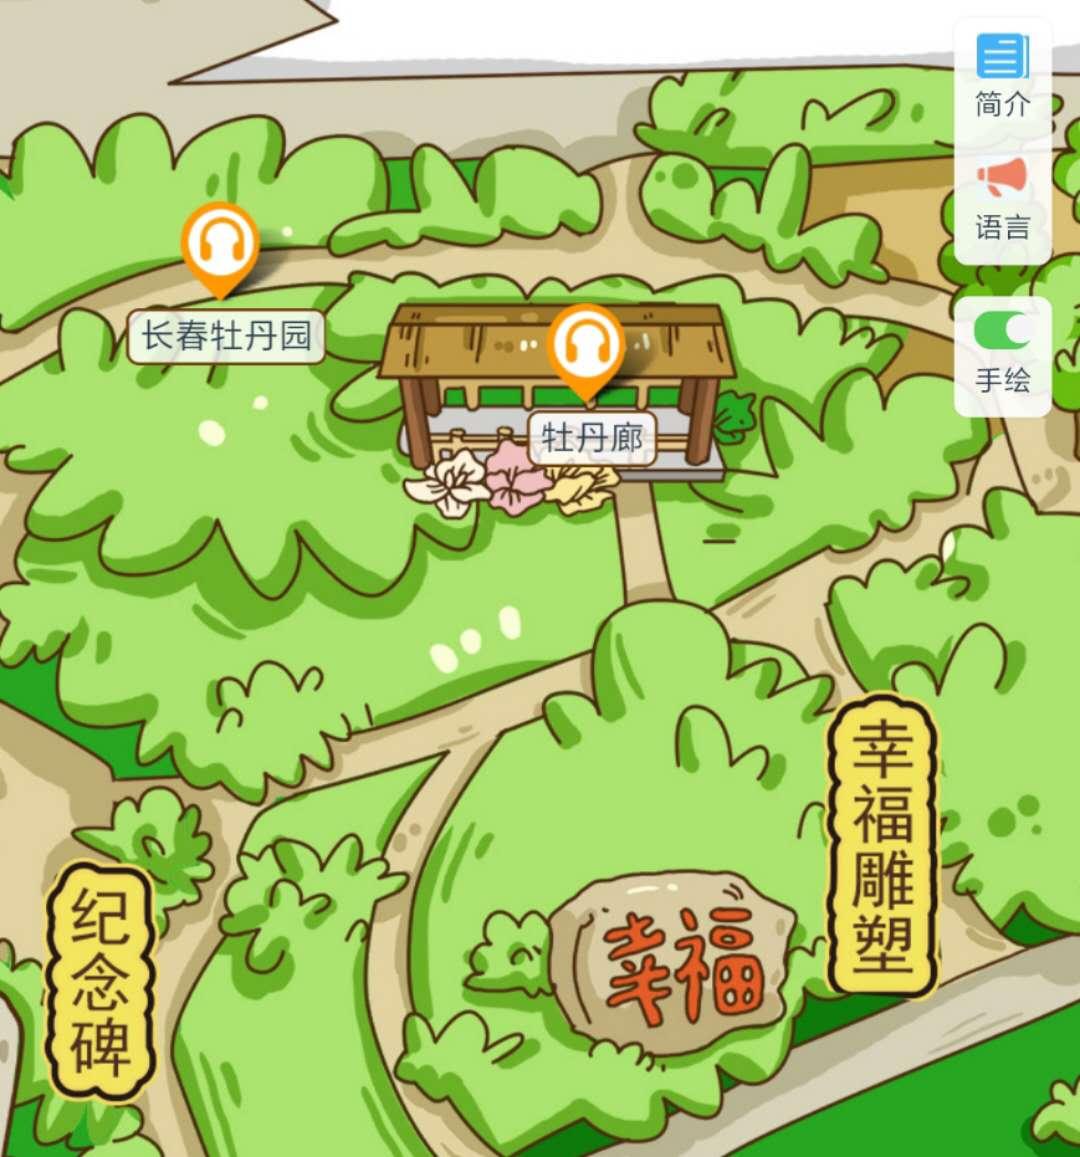 长春牡丹园手绘地图,语音讲解,智能导览.jpg